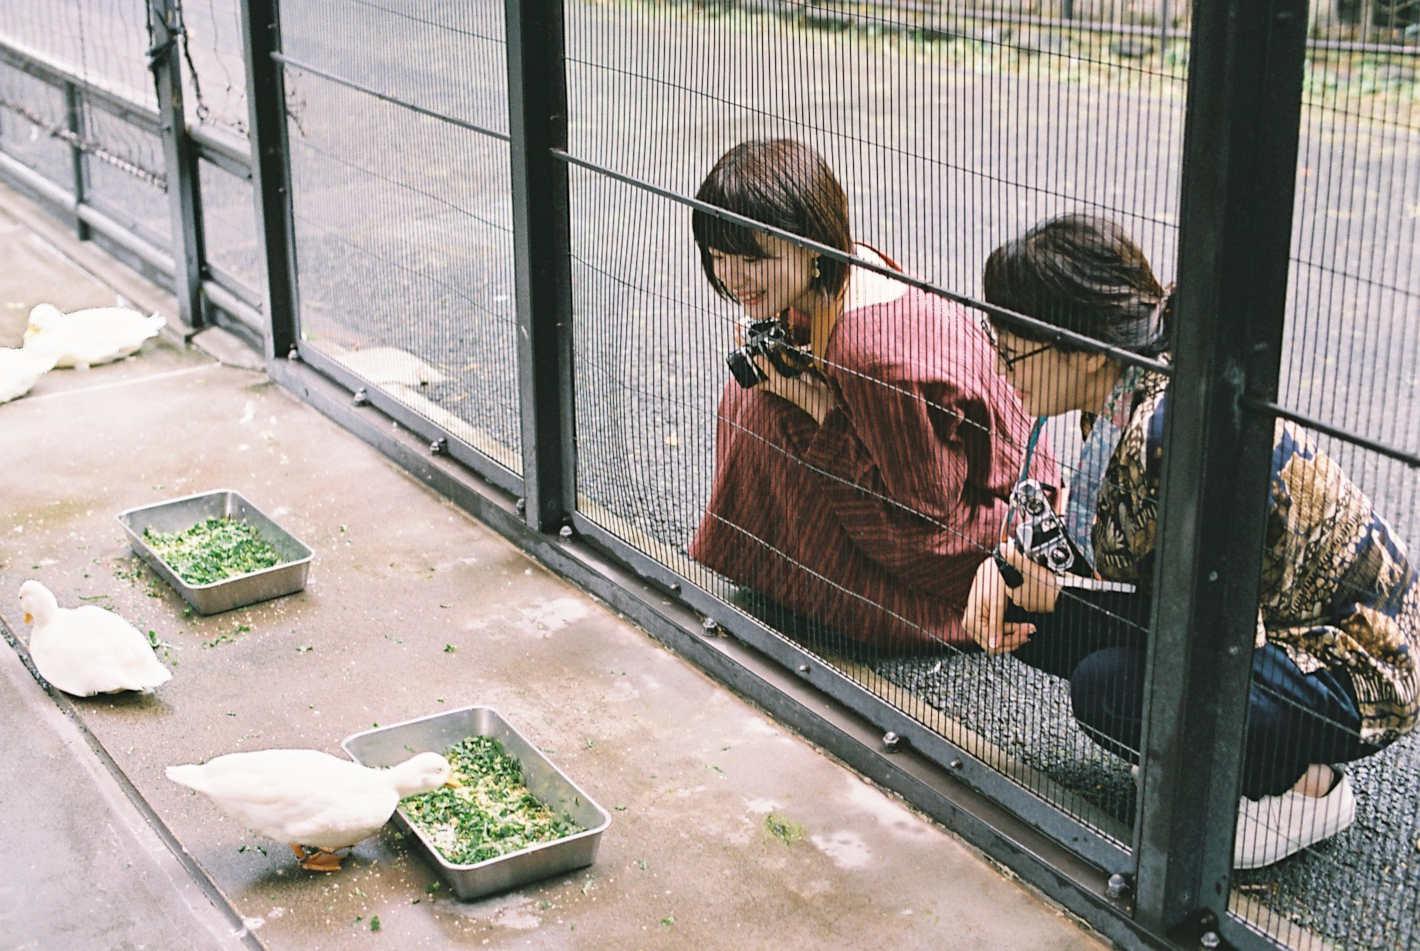 フィルムカメラを手に動物園フォトさんぽ!かわいさを引き出す動物園撮影のコツ